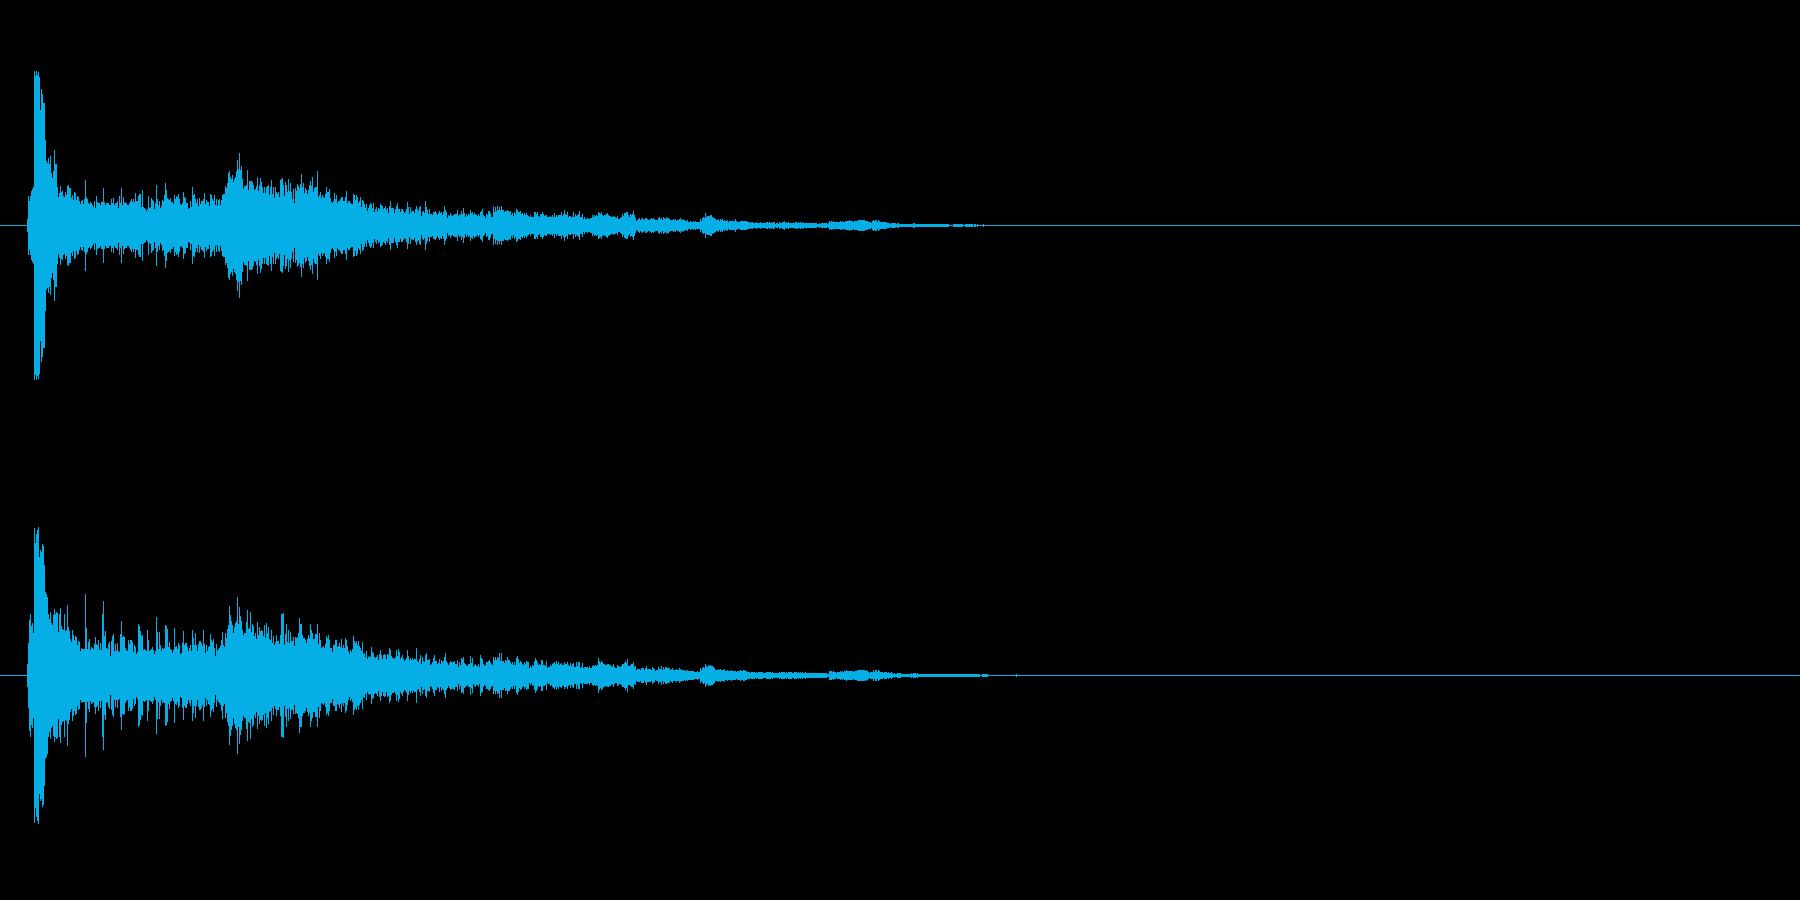 【アクセント01-1】の再生済みの波形